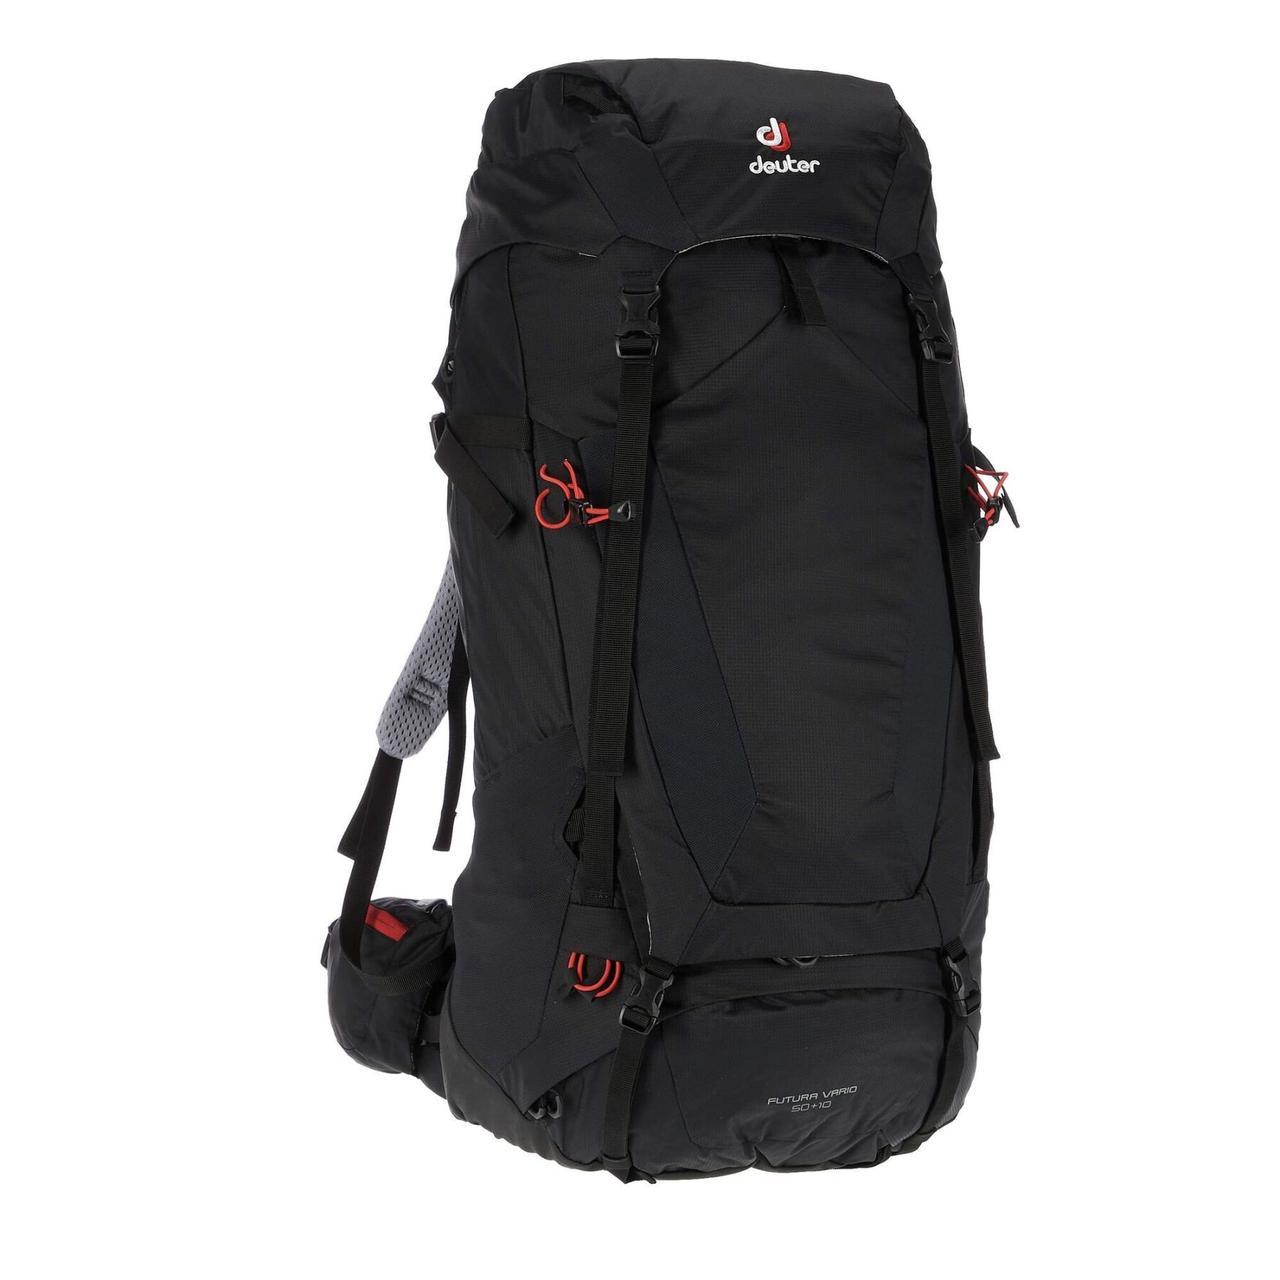 Рюкзак Deuter Futura Vario 50+10 black (3402118 7000)